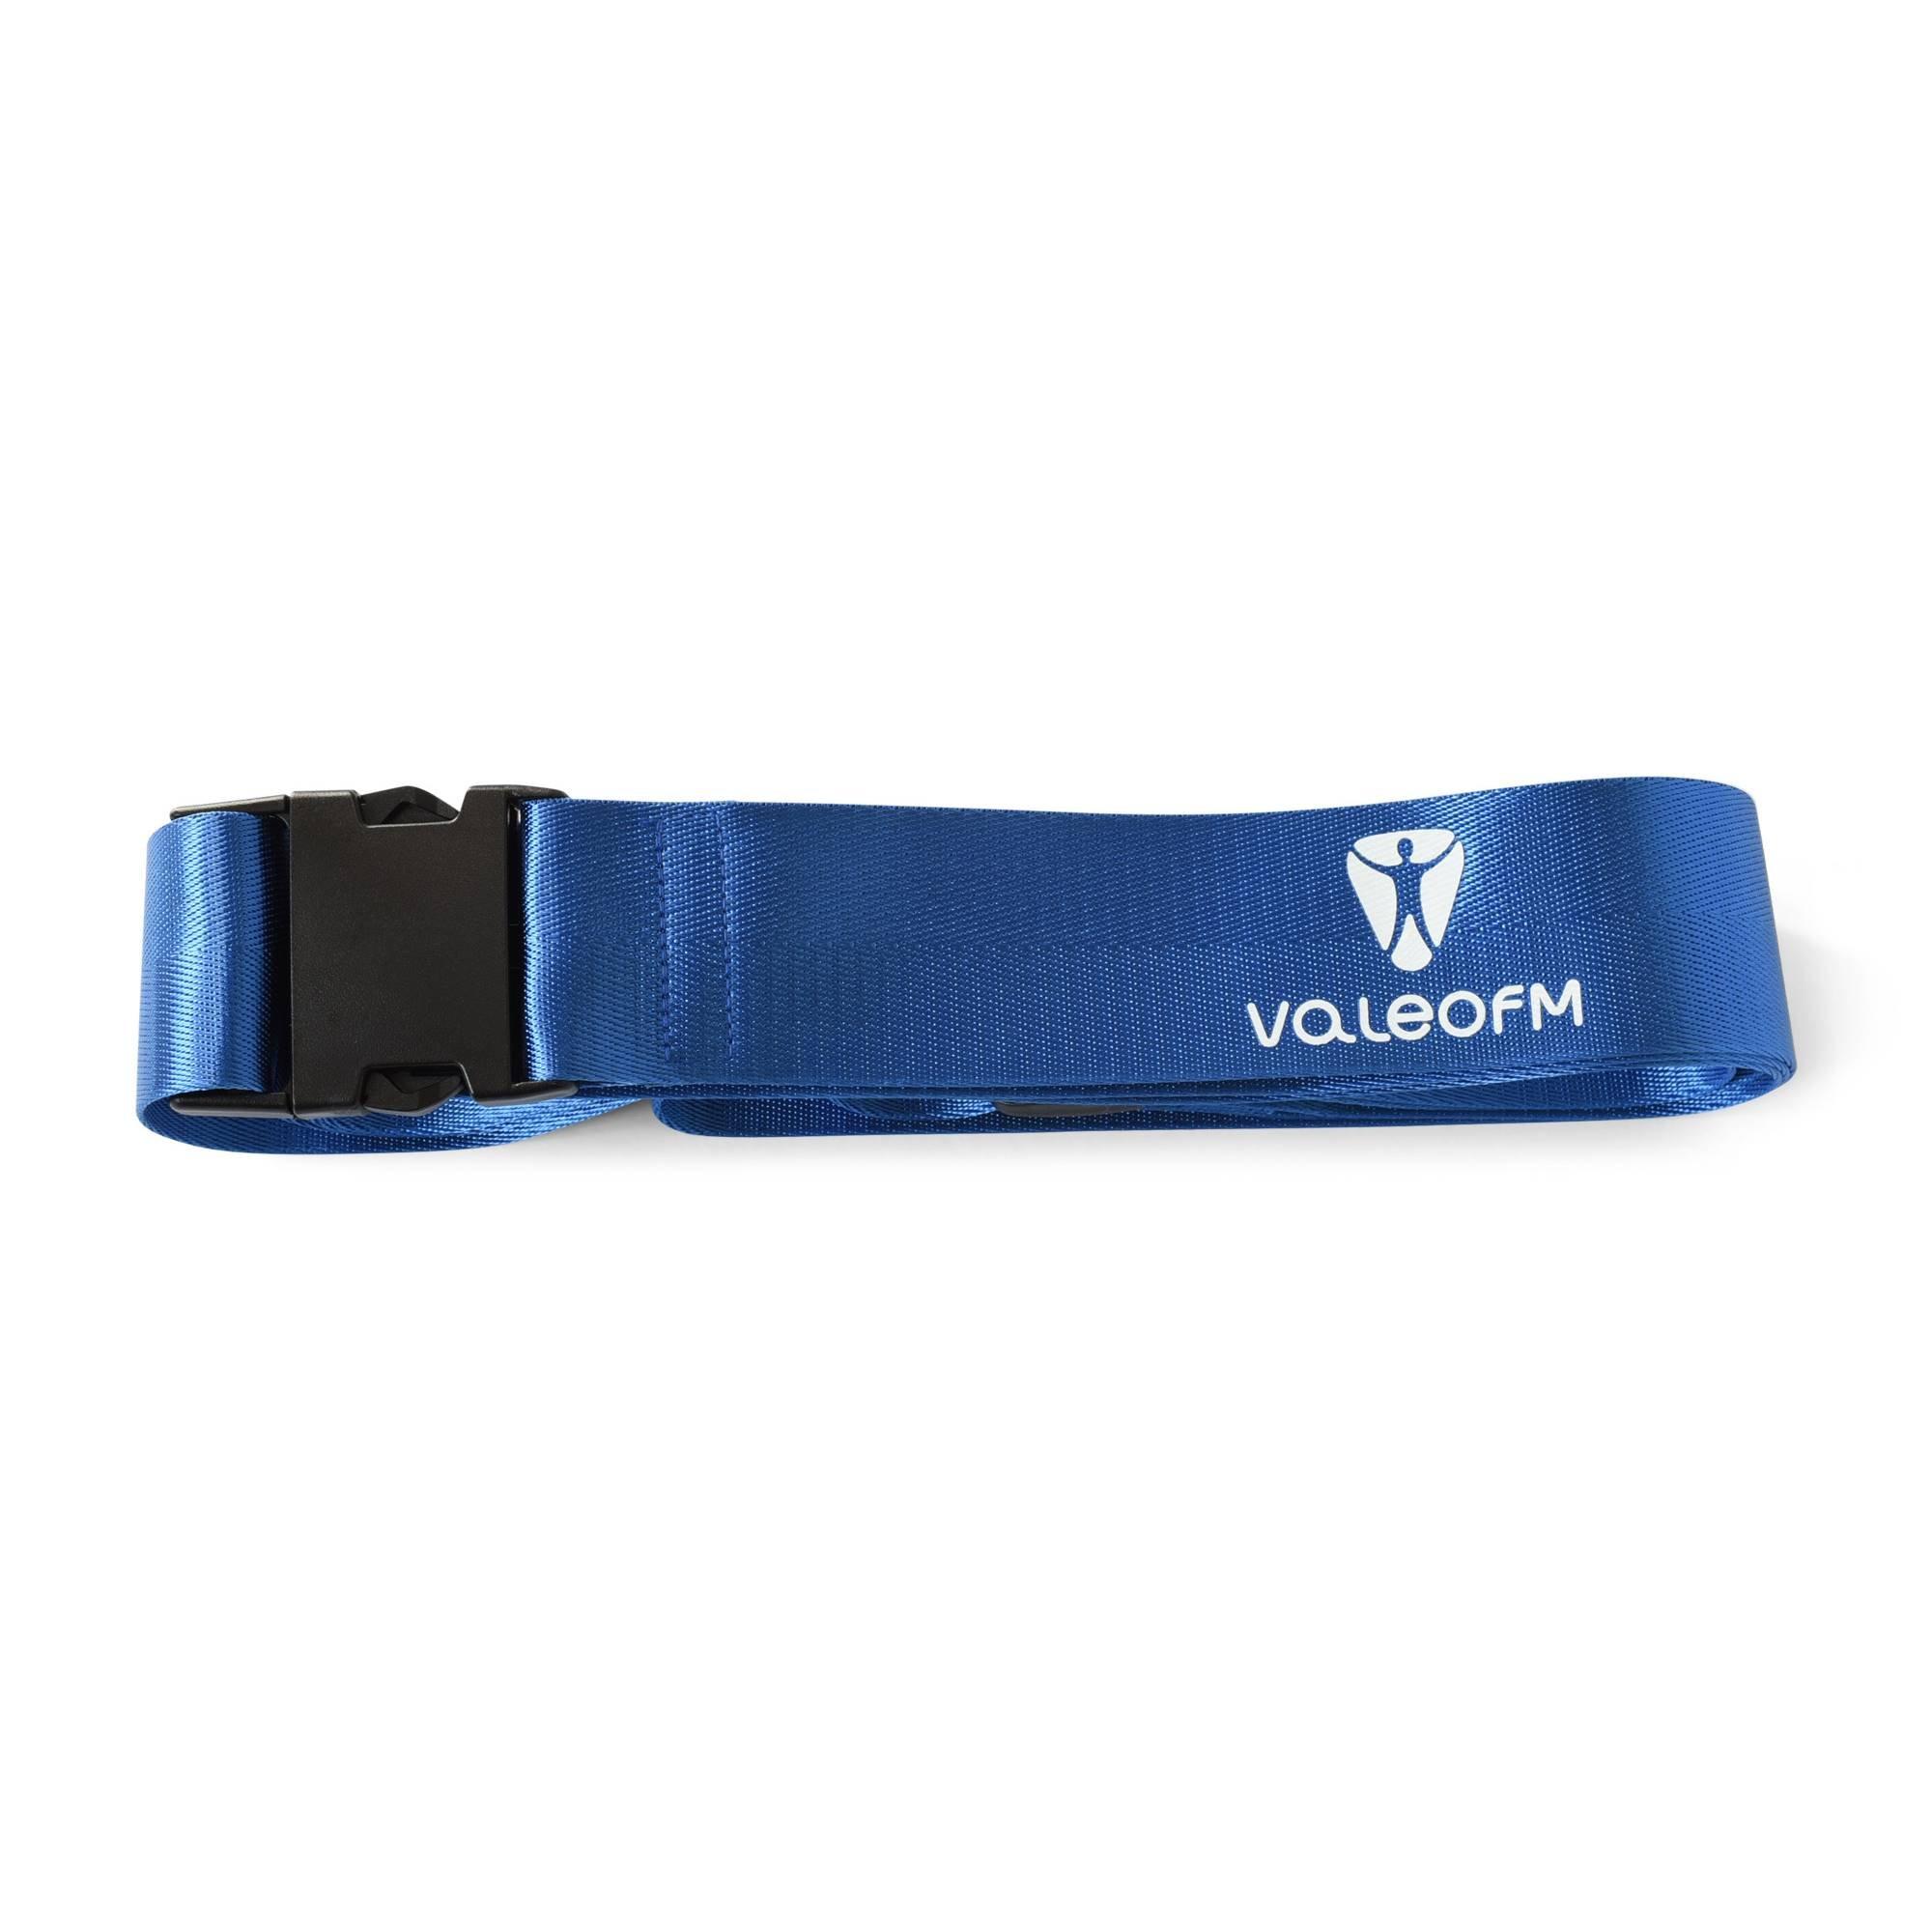 ValeoFM Mulligan Joint Mobilization Belt/Strap by ValeoFM (Image #2)